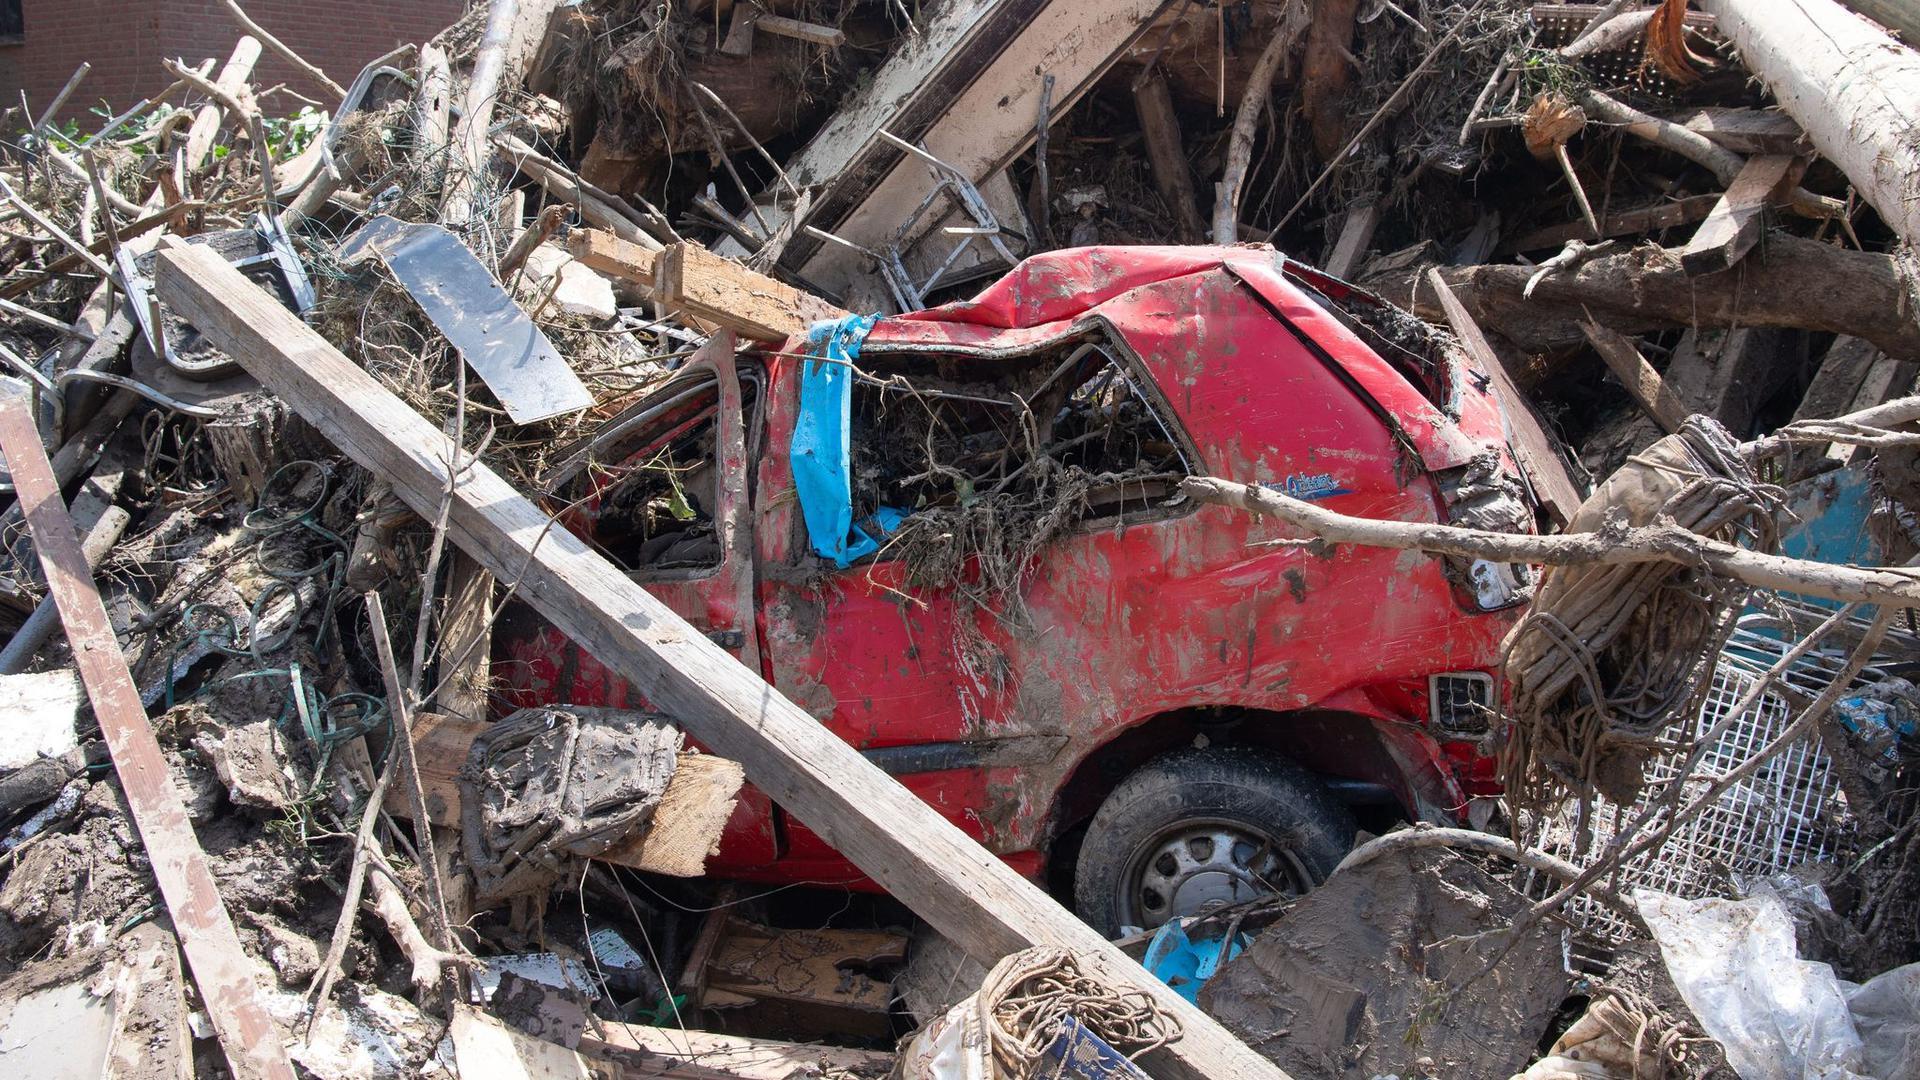 Ein Autowrack inmitten von Ästen und Geröll in Marienthal im Ahrtal.